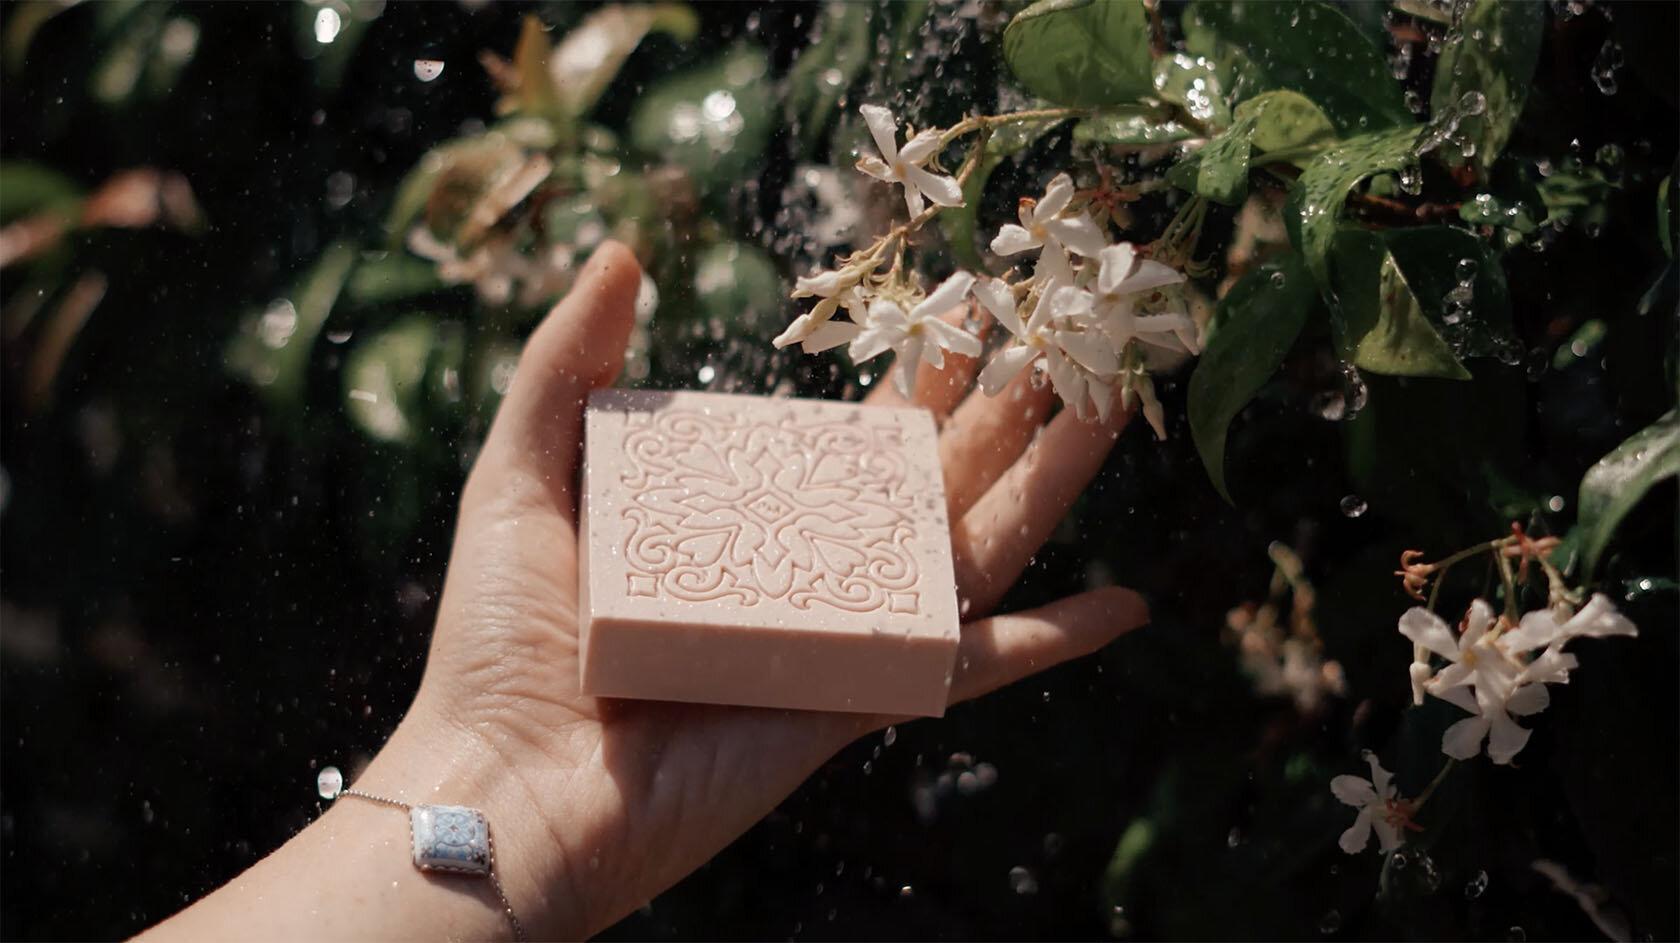 Rose et Marius Luxury Soap - Lucas Bosc